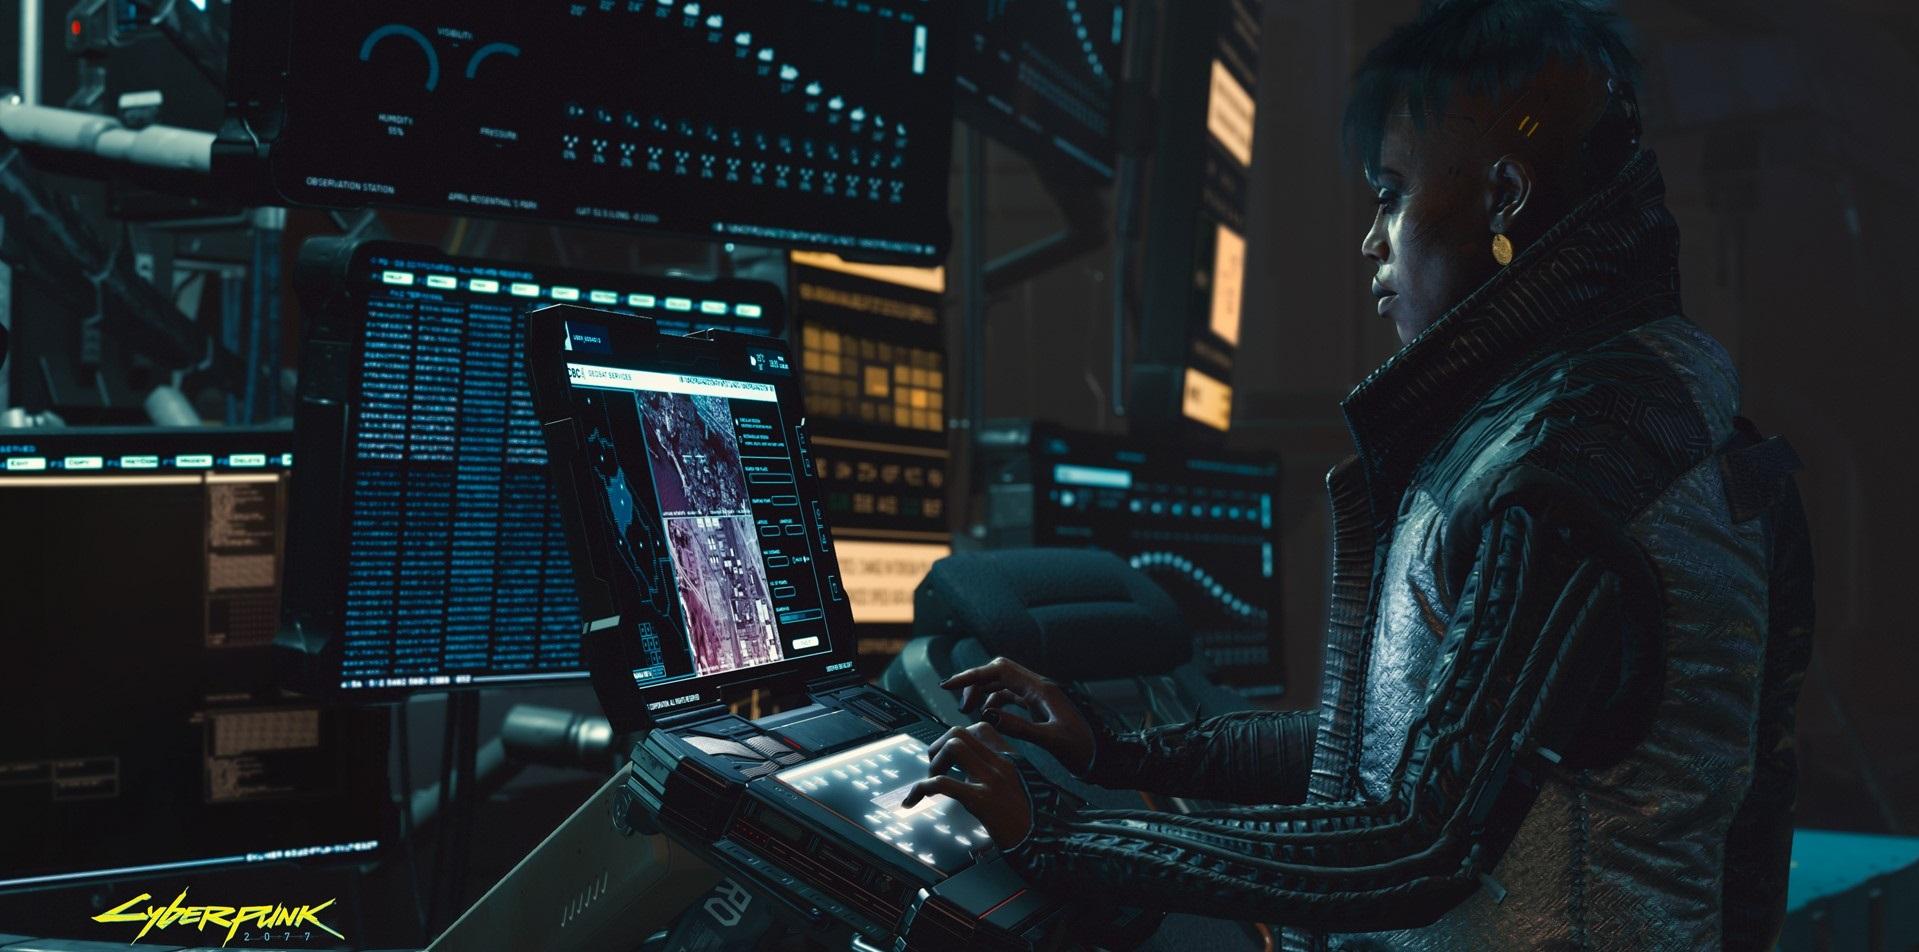 183659-Cyberpunk-2077-%D0%98%D0%B3%D1%80